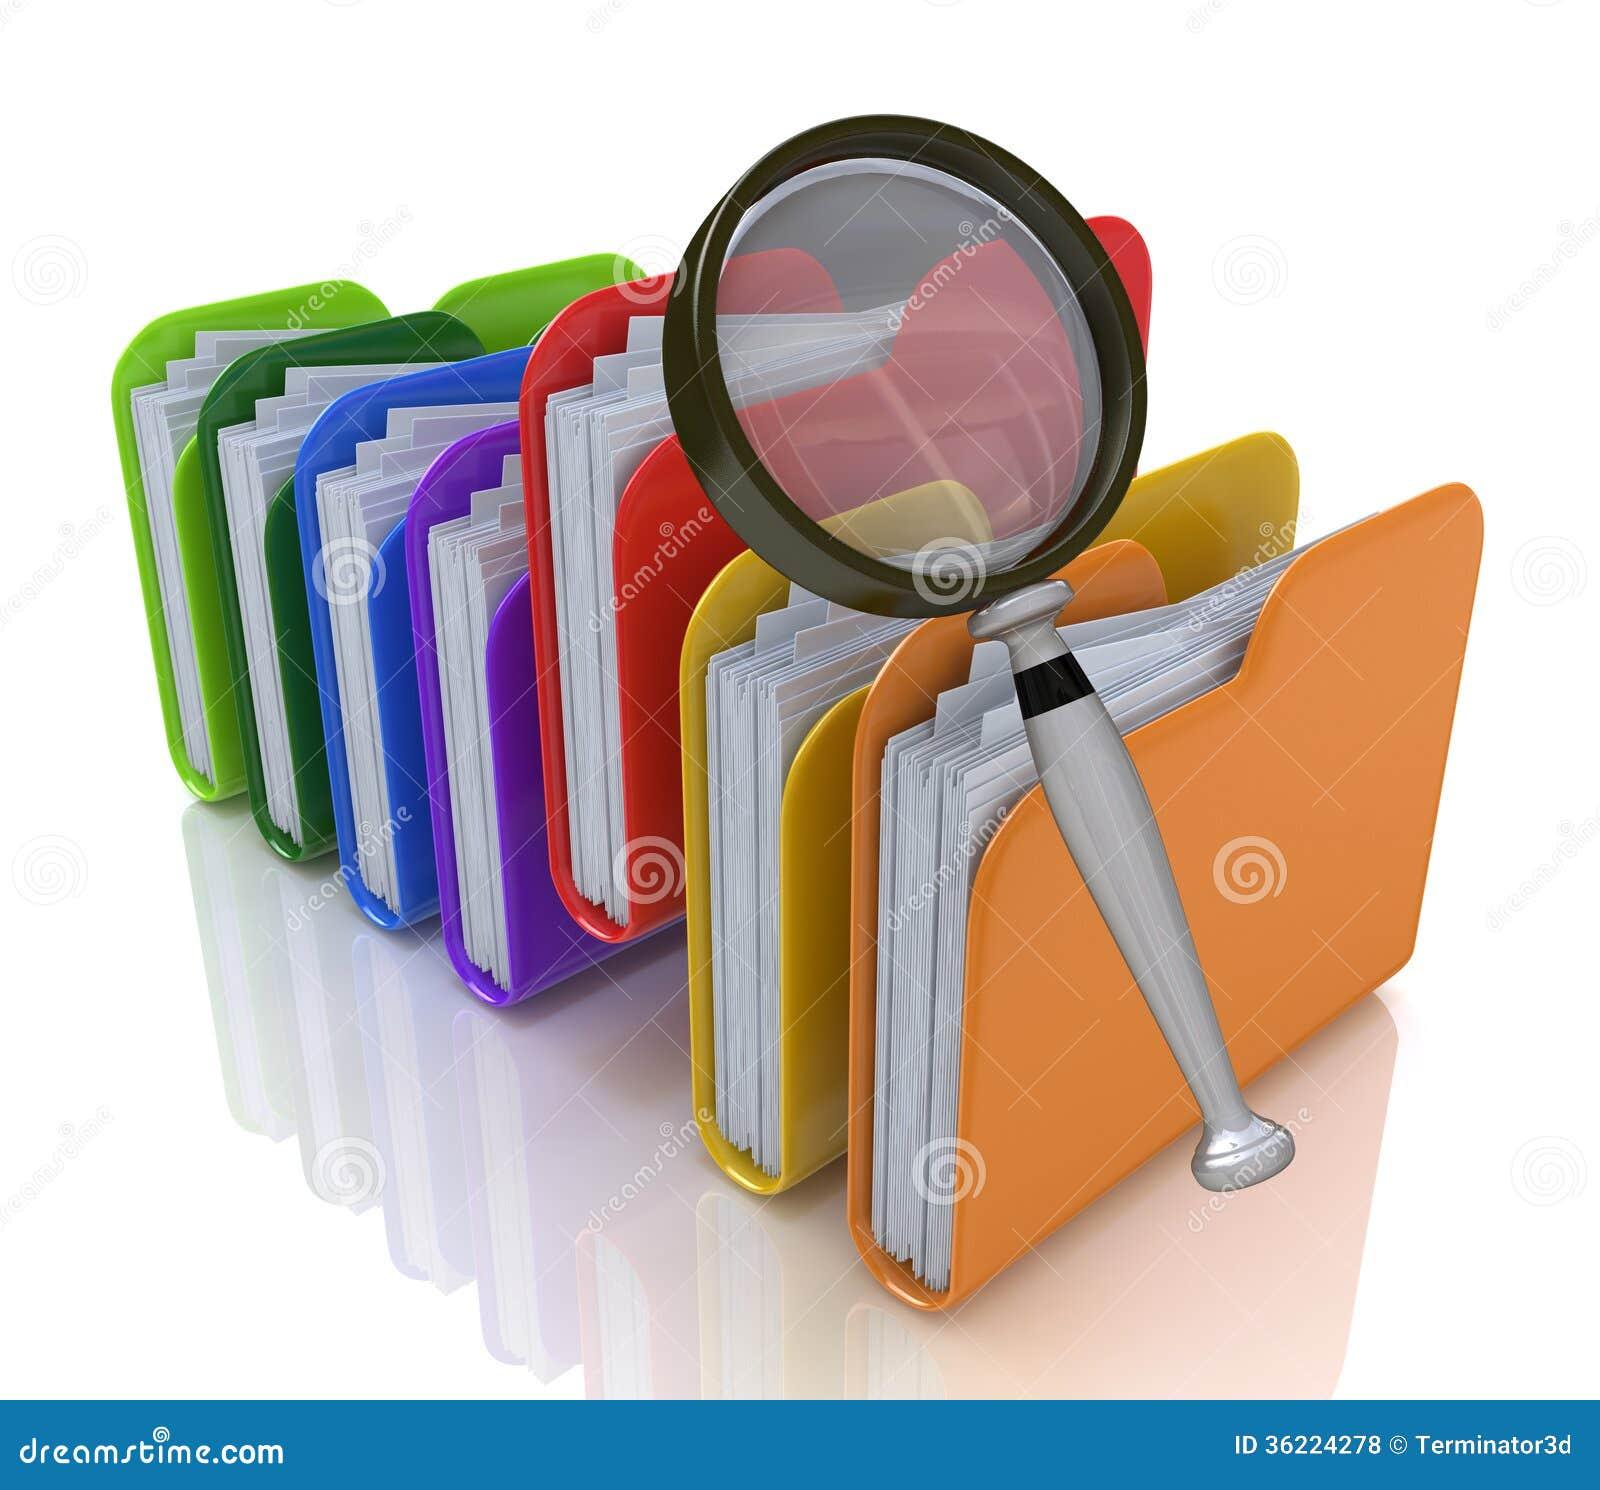 Zoek naar dossiers in de omslag